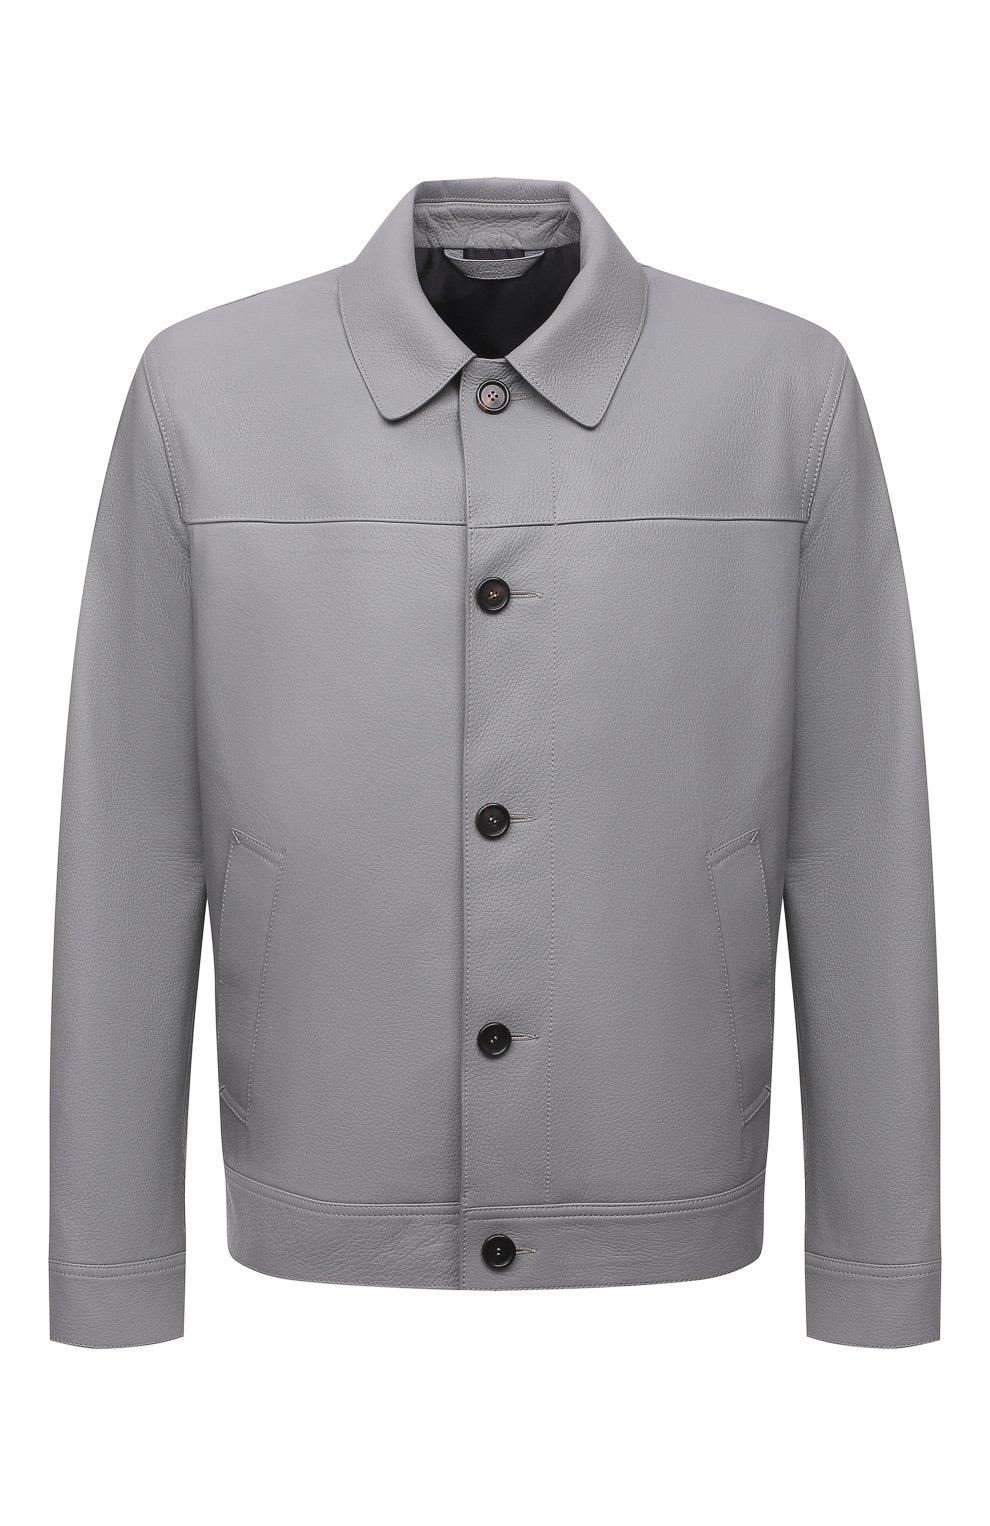 Мужская кожаная куртка BRIONI серого цвета, арт. PLZ90L/P7708 | Фото 1 (Кросс-КТ: Куртка; Рукава: Длинные; Стили: Классический; Мужское Кросс-КТ: Кожа и замша; Длина (верхняя одежда): Короткие; Материал подклада: Купро)